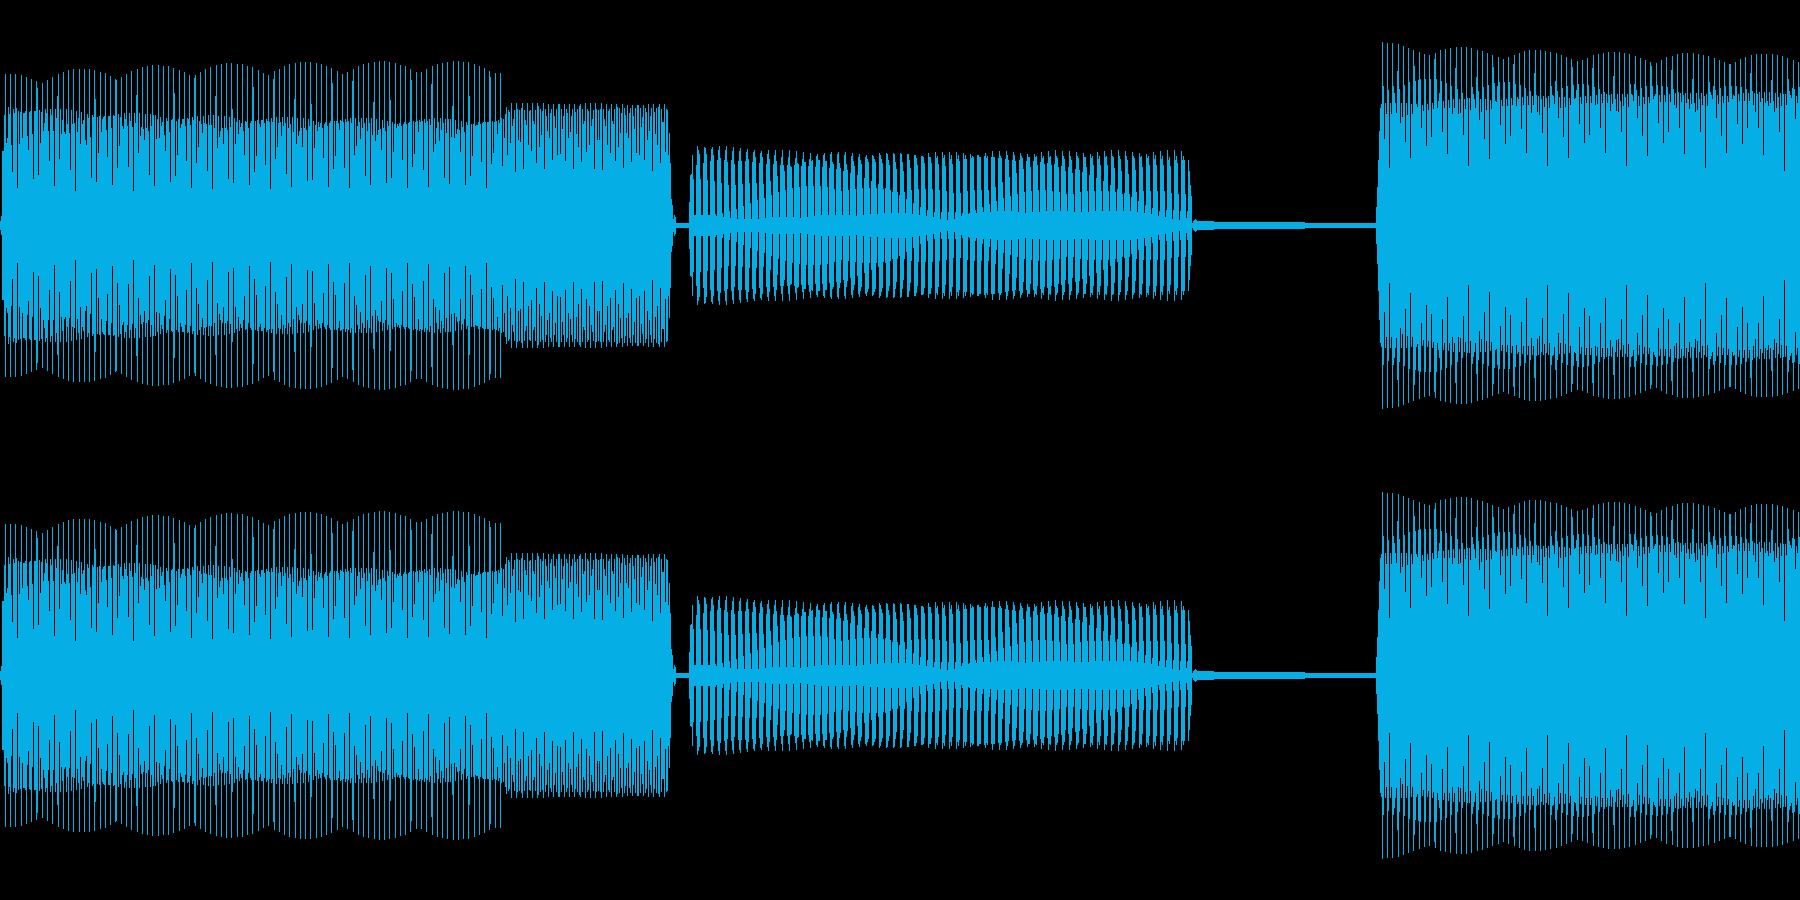 スマホの録音、録画音を意識しました。の再生済みの波形